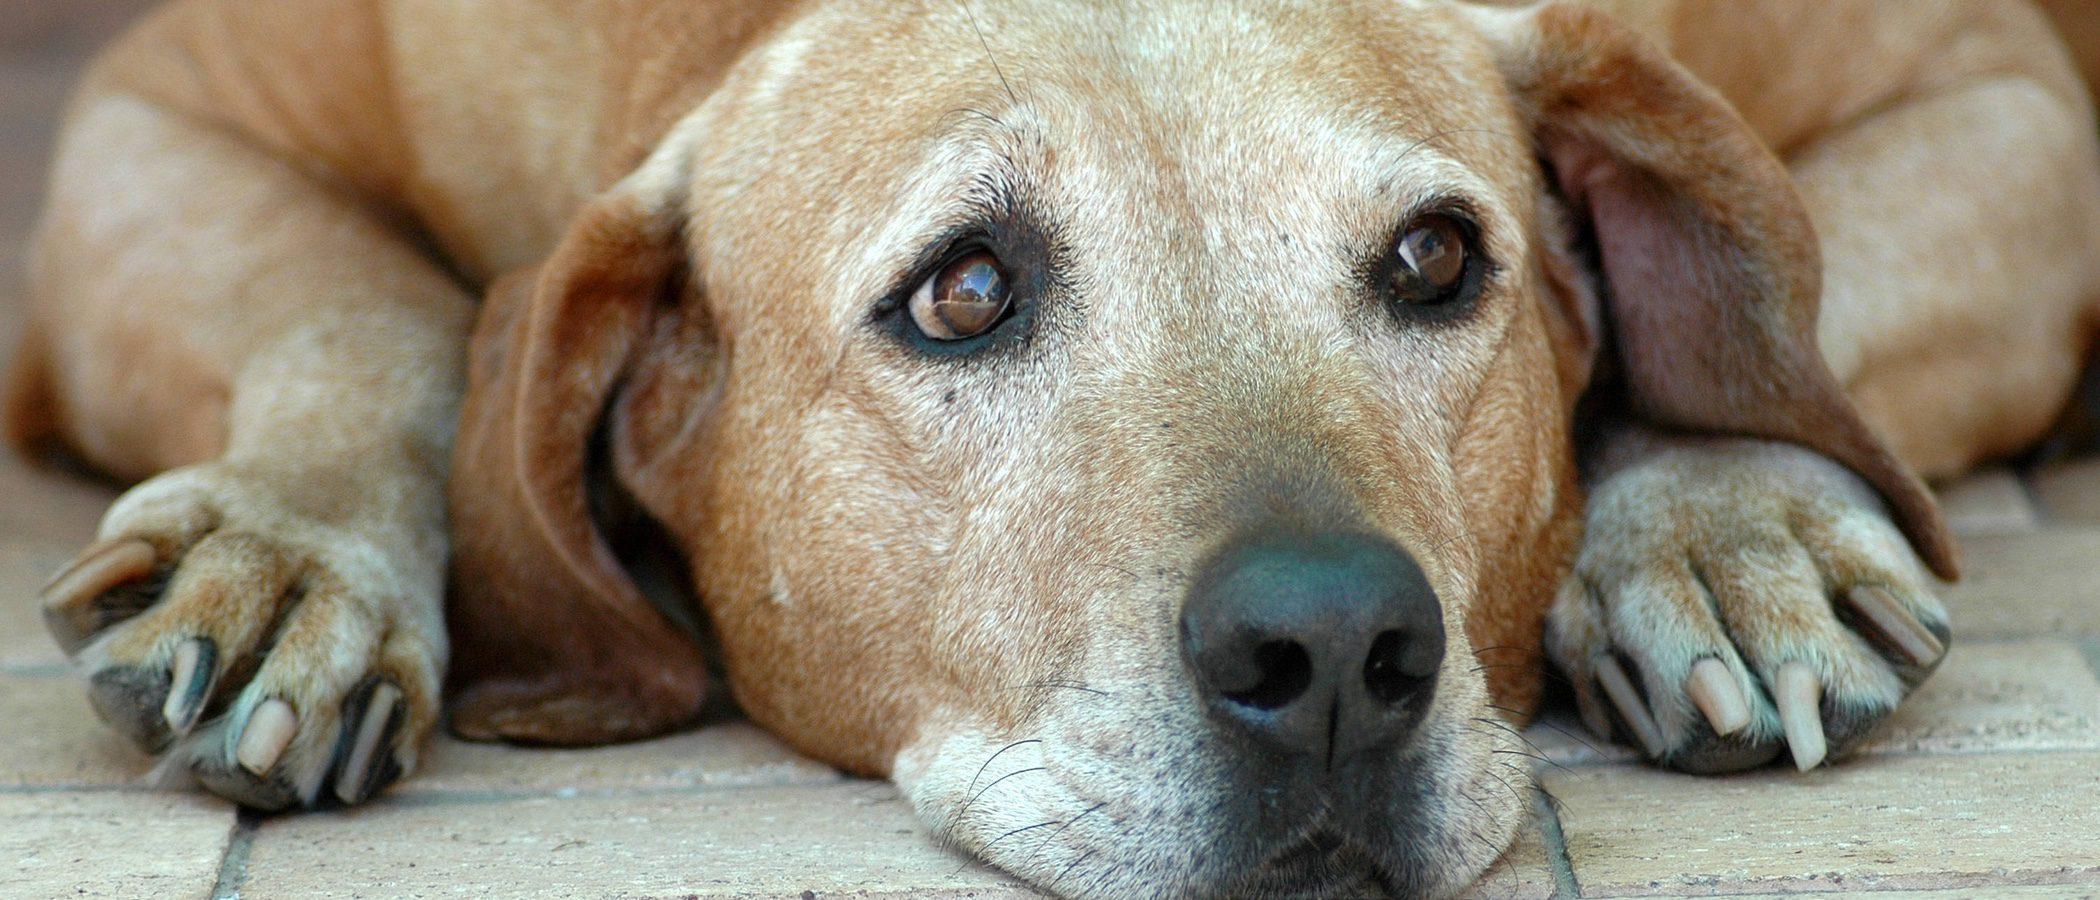 Artritis canina: Síntomas y tratamiento